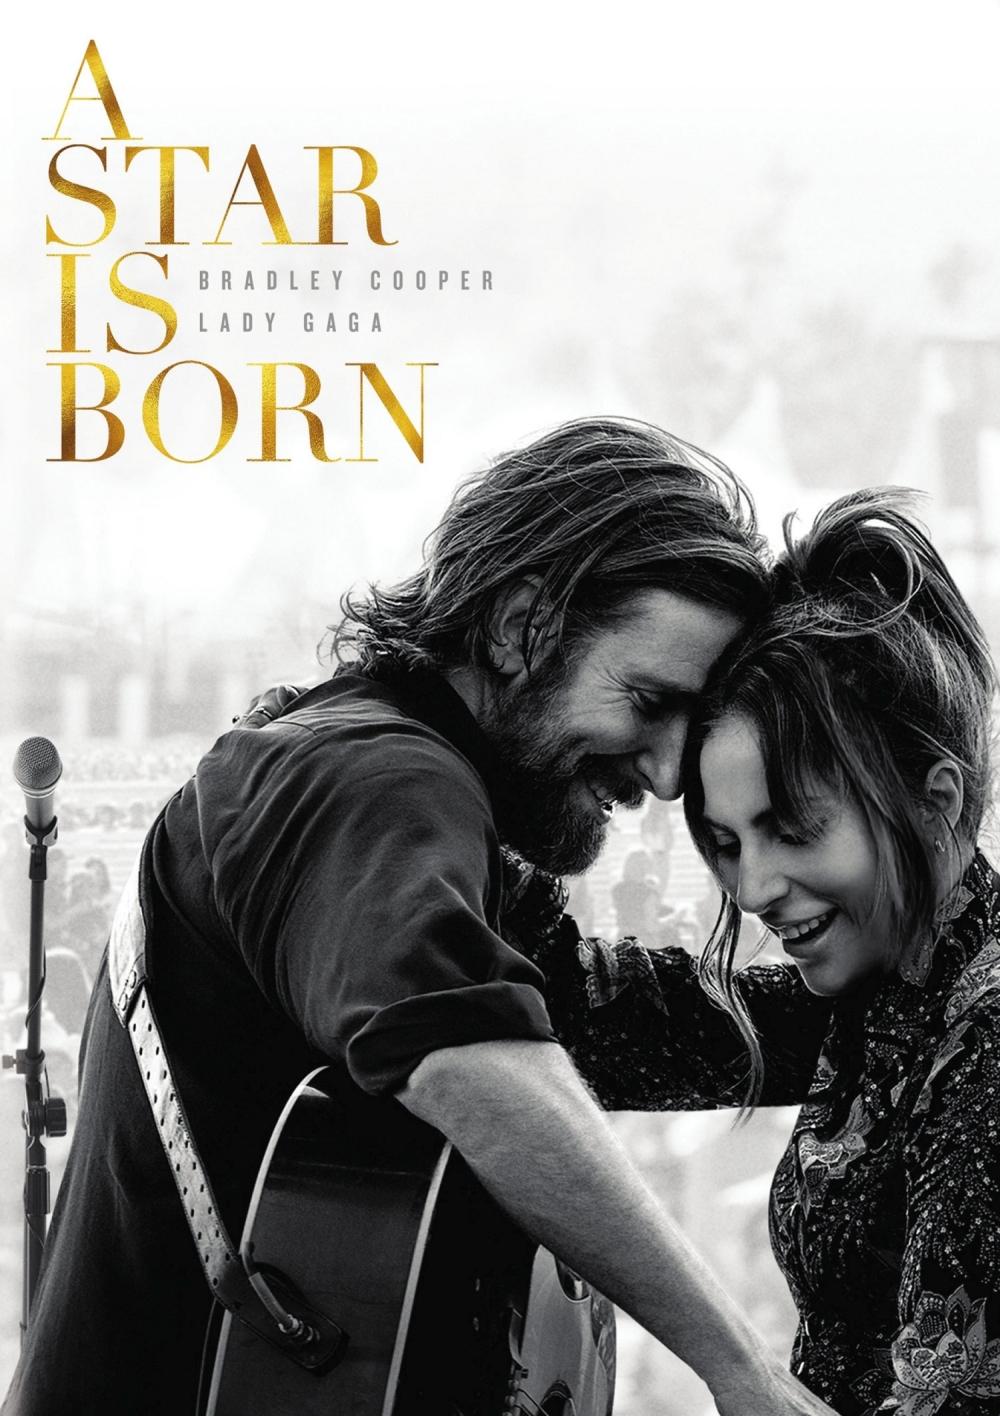 Οι μεγαλύτερες κινηματογραφικές πρεμιέρες έρχονται στο Star